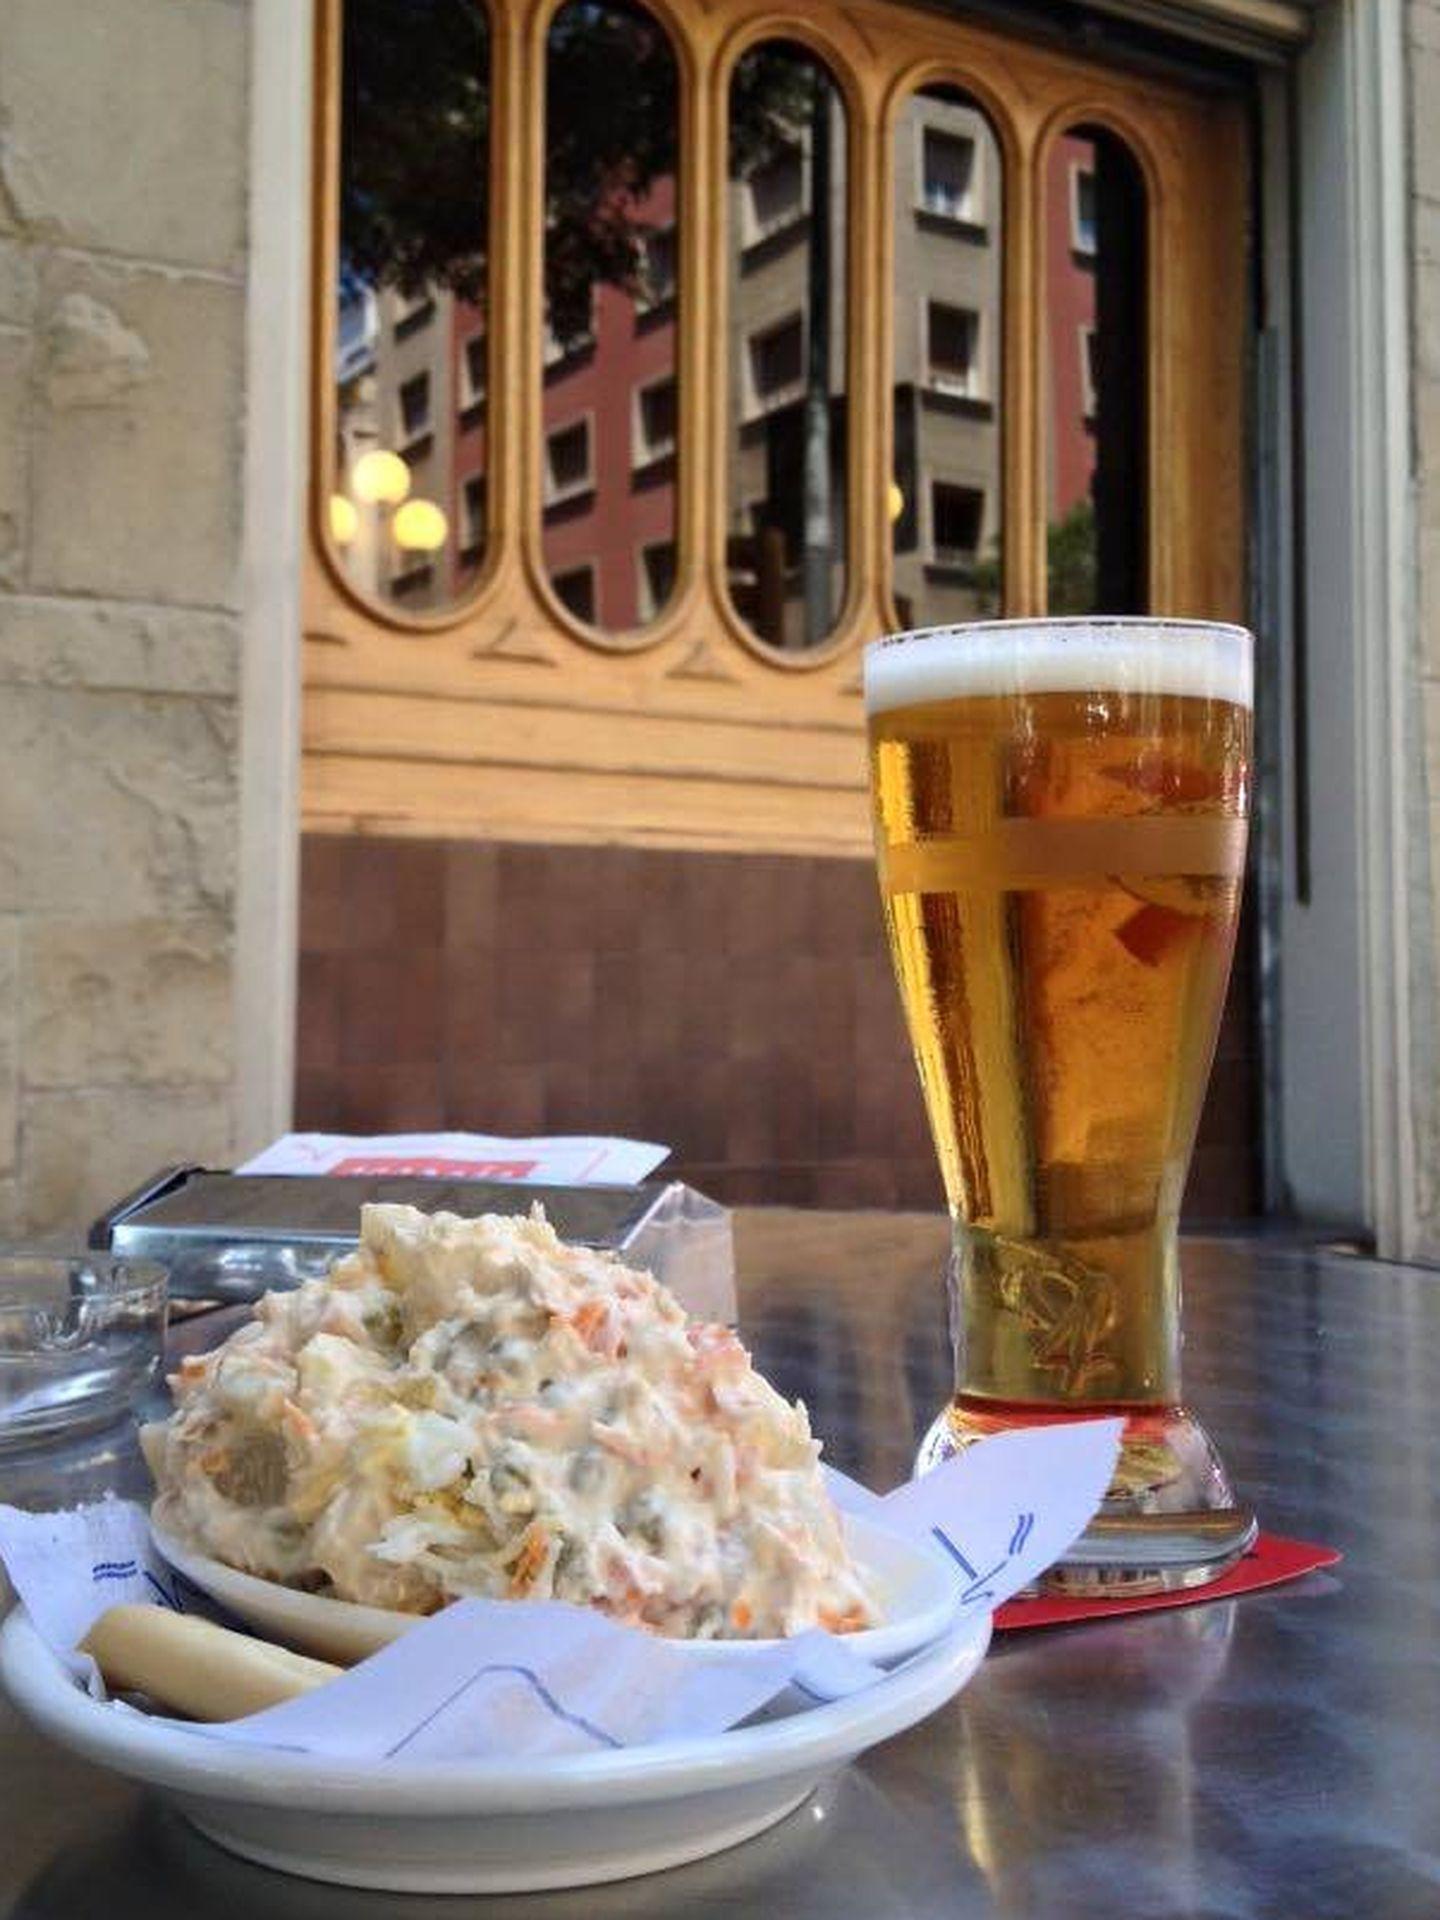 La ensaladilla del bar Escocés, un clásico de la ciudad. (Cortesía)